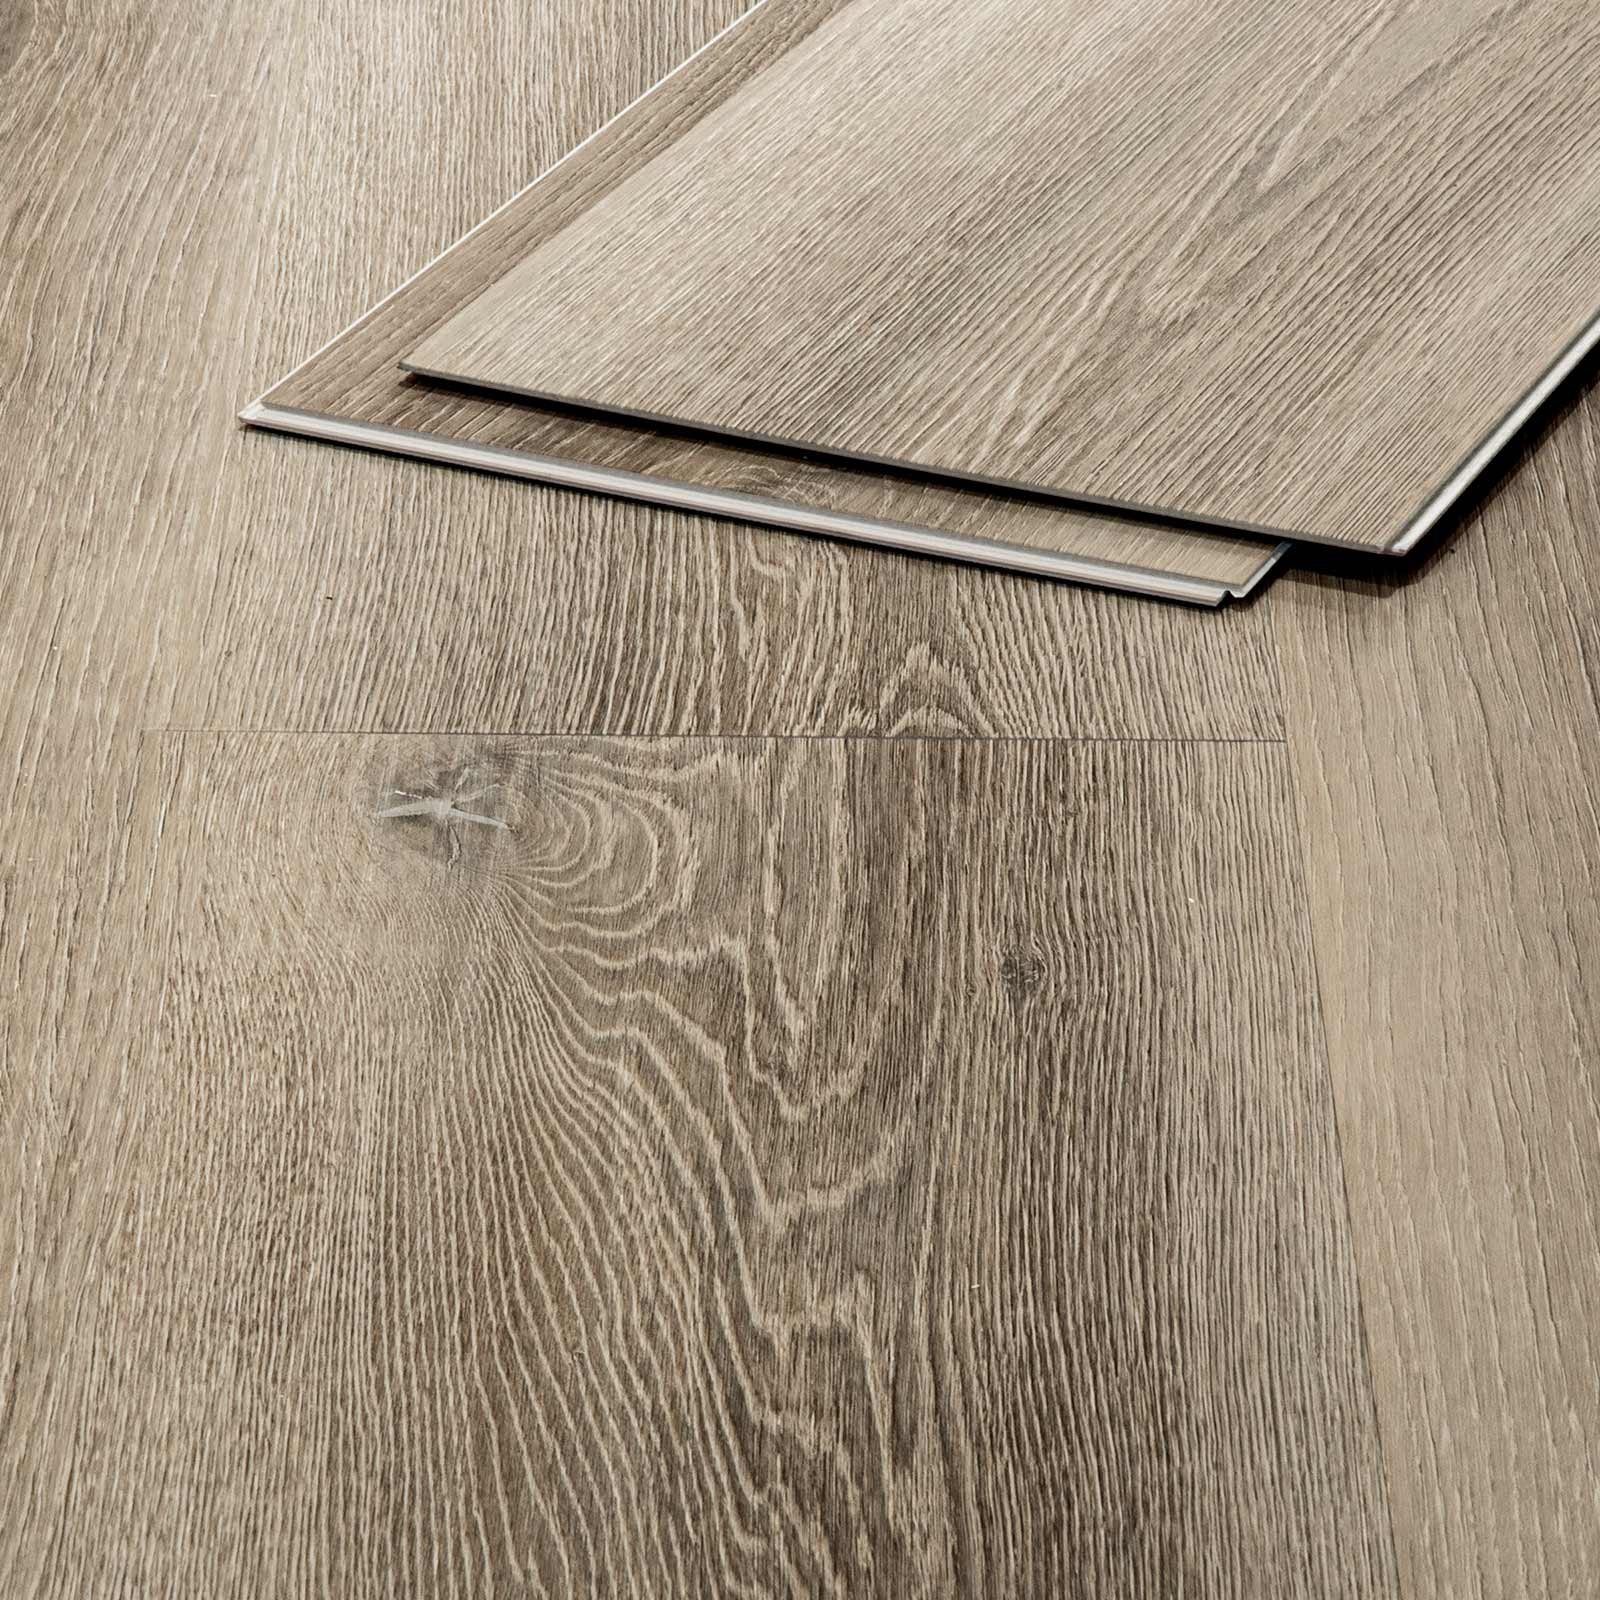 Full Size of Vinylboden Küche Grau 5d2a7edd089e8 Unterschrank Billige Spritzschutz Plexiglas Xxl Sofa Einhebelmischer Vorratsdosen Vorratsschrank Ikea Miniküche Wohnzimmer Vinylboden Küche Grau